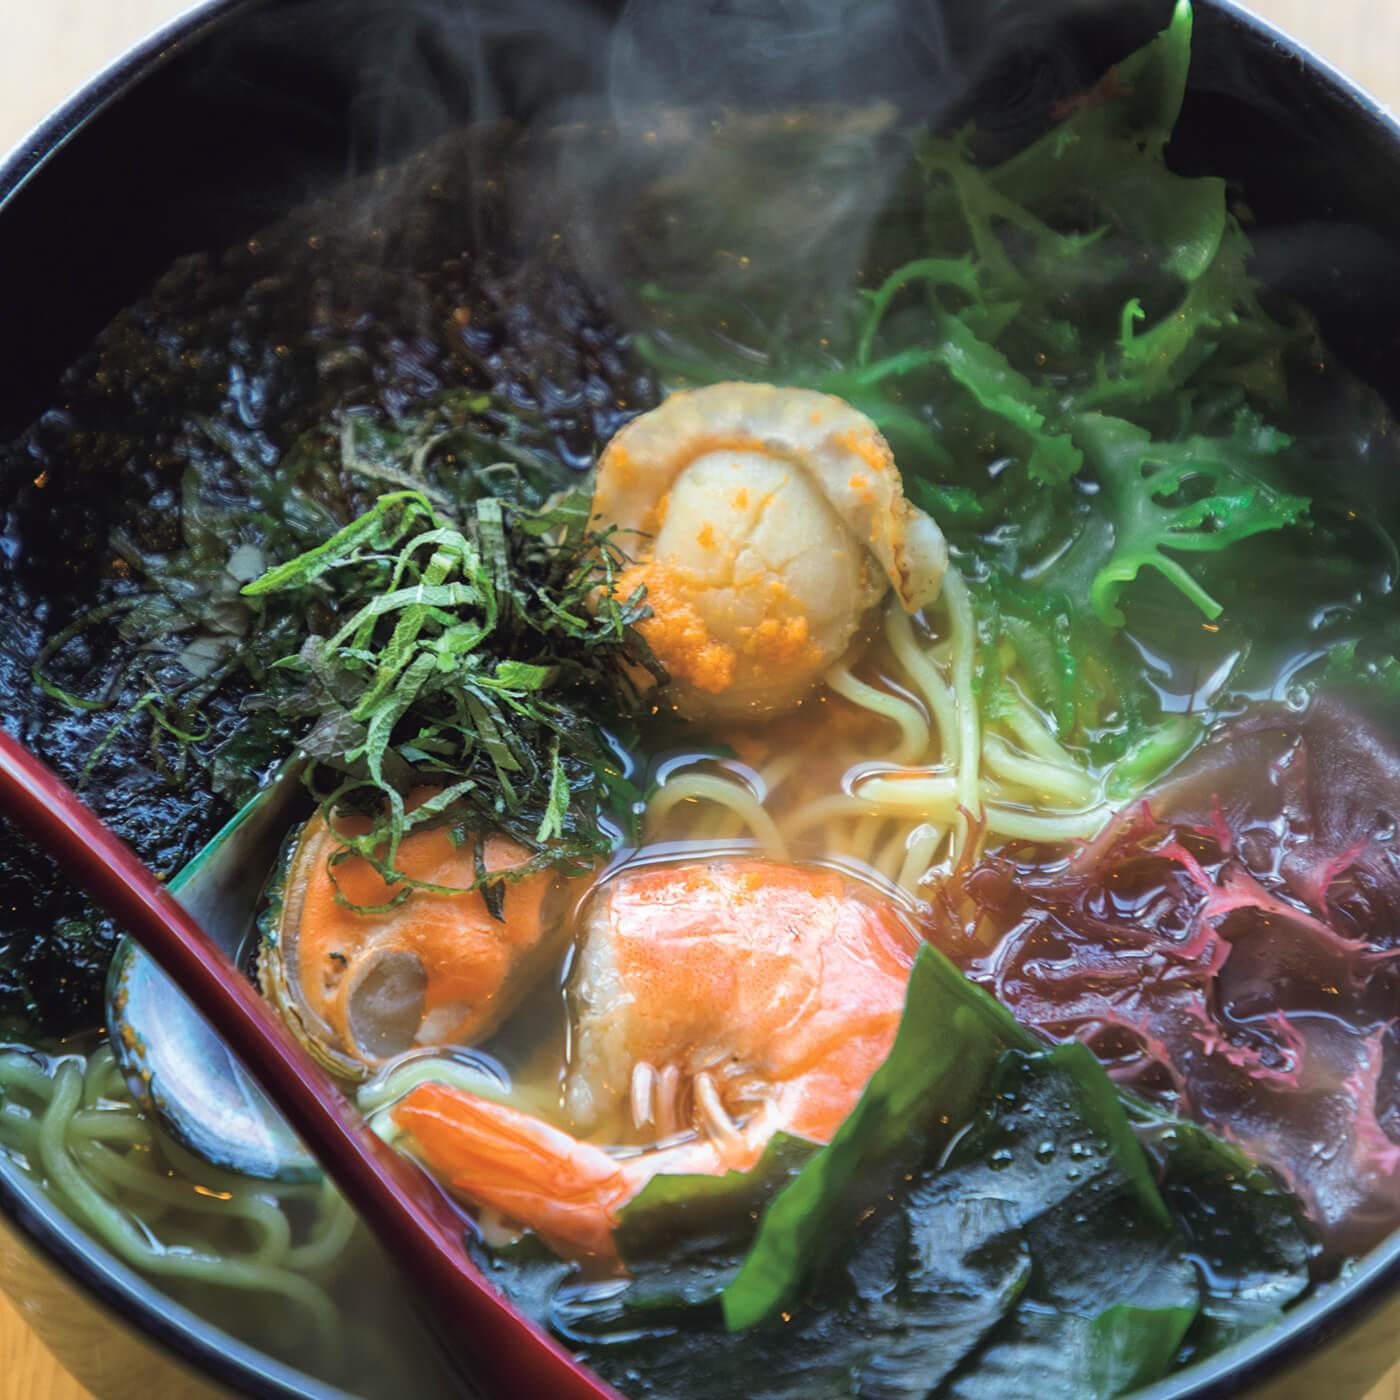 イチゴ煮を思わせる、磯の風味が魅力の〈小舟渡〉の磯ラーメン¥1,000。5月中旬〜8月末には、目の前の海で獲れる生ウニもオンメニュー。